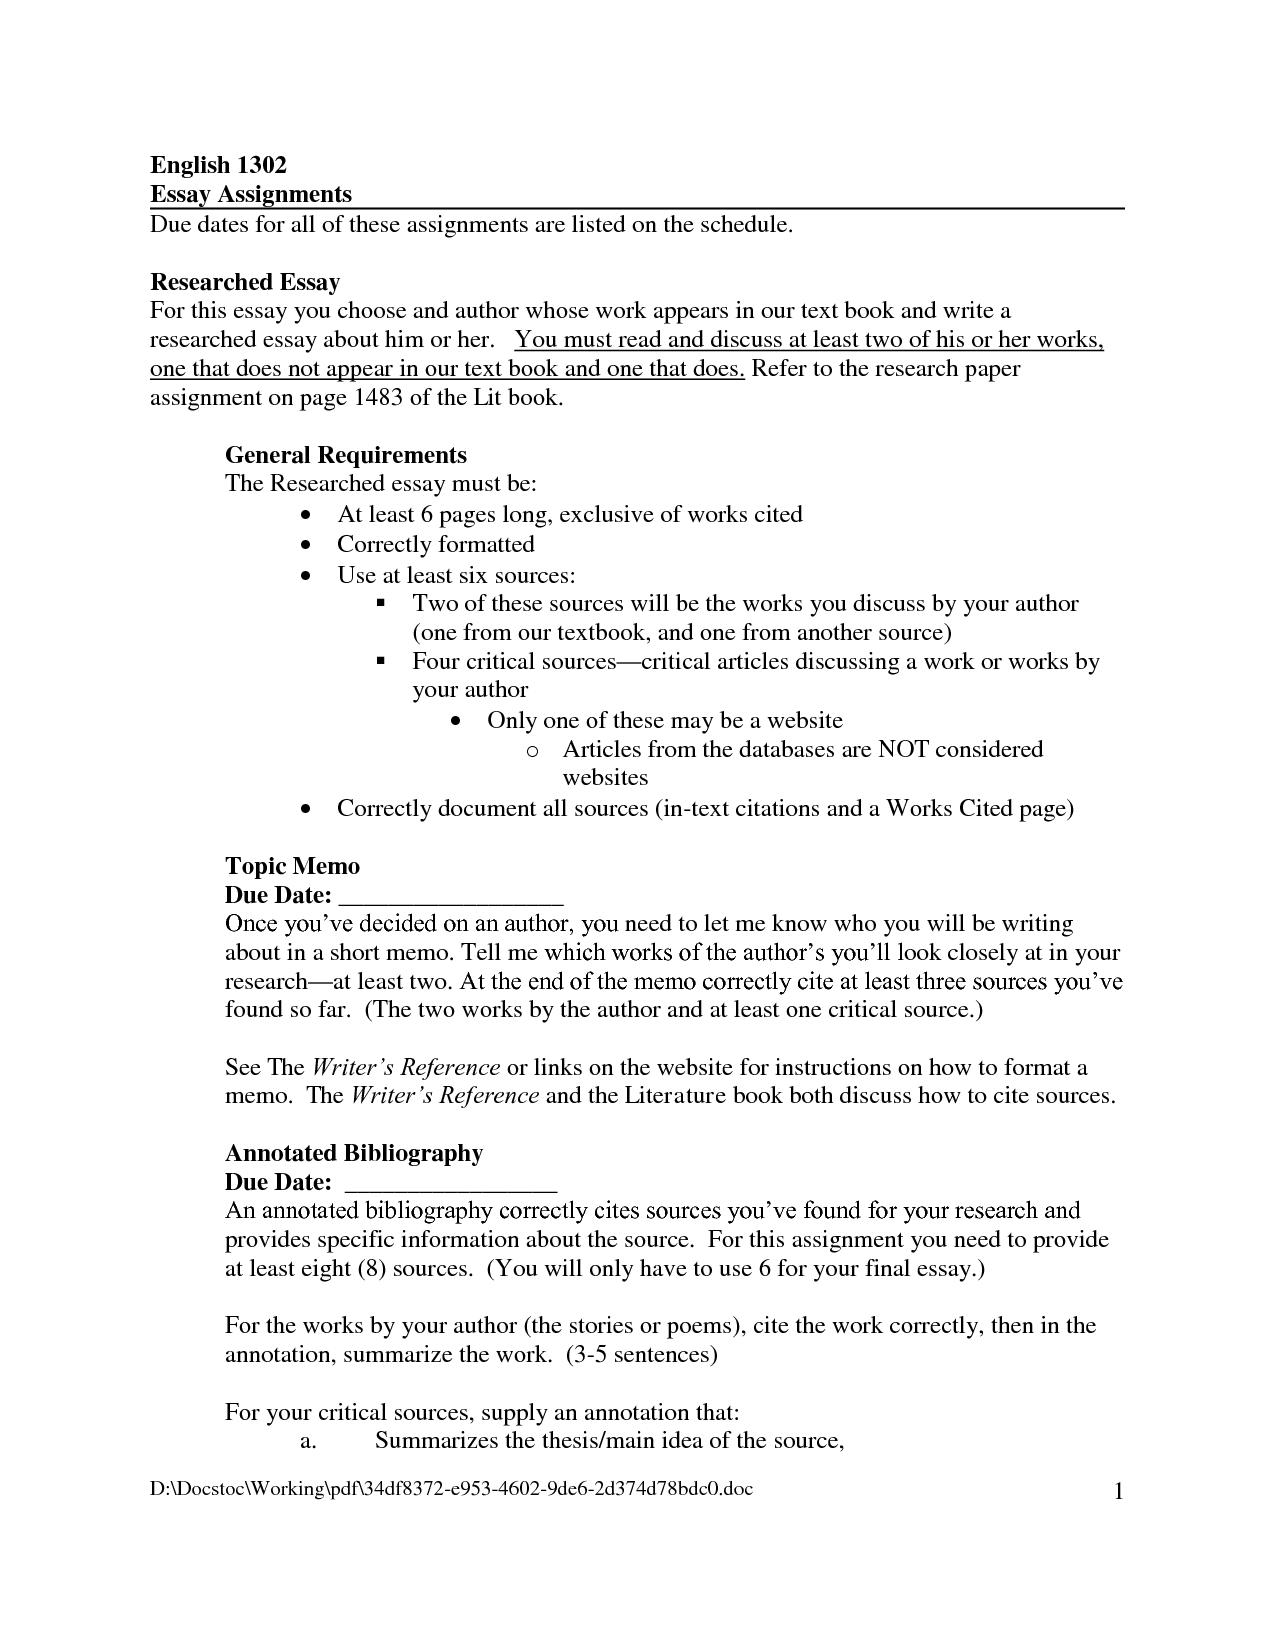 Phd thesis printing and binding